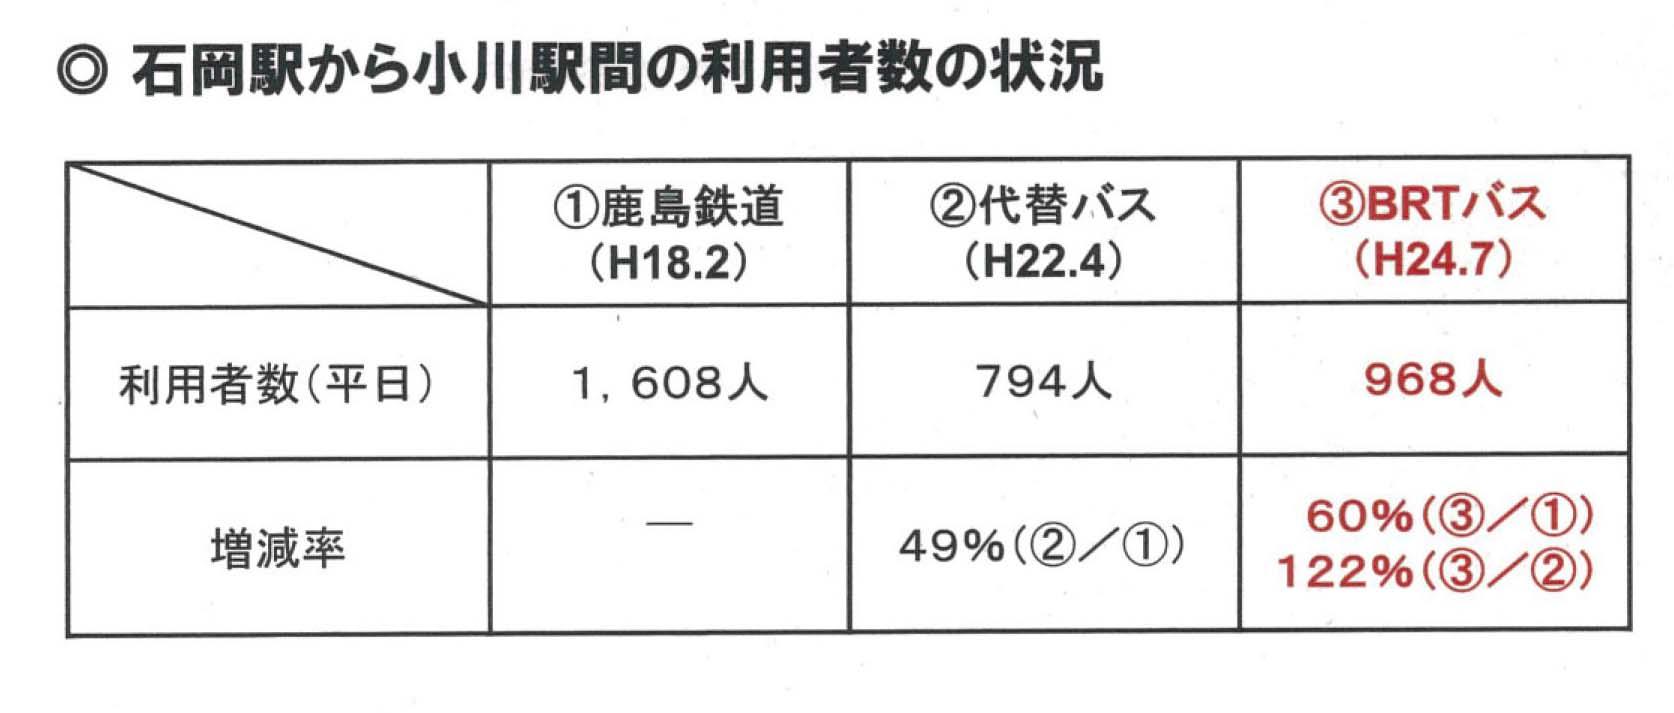 日本初のBRT「かしてつバス」(茨城県石岡市)の視察 その2_f0141310_88871.jpg